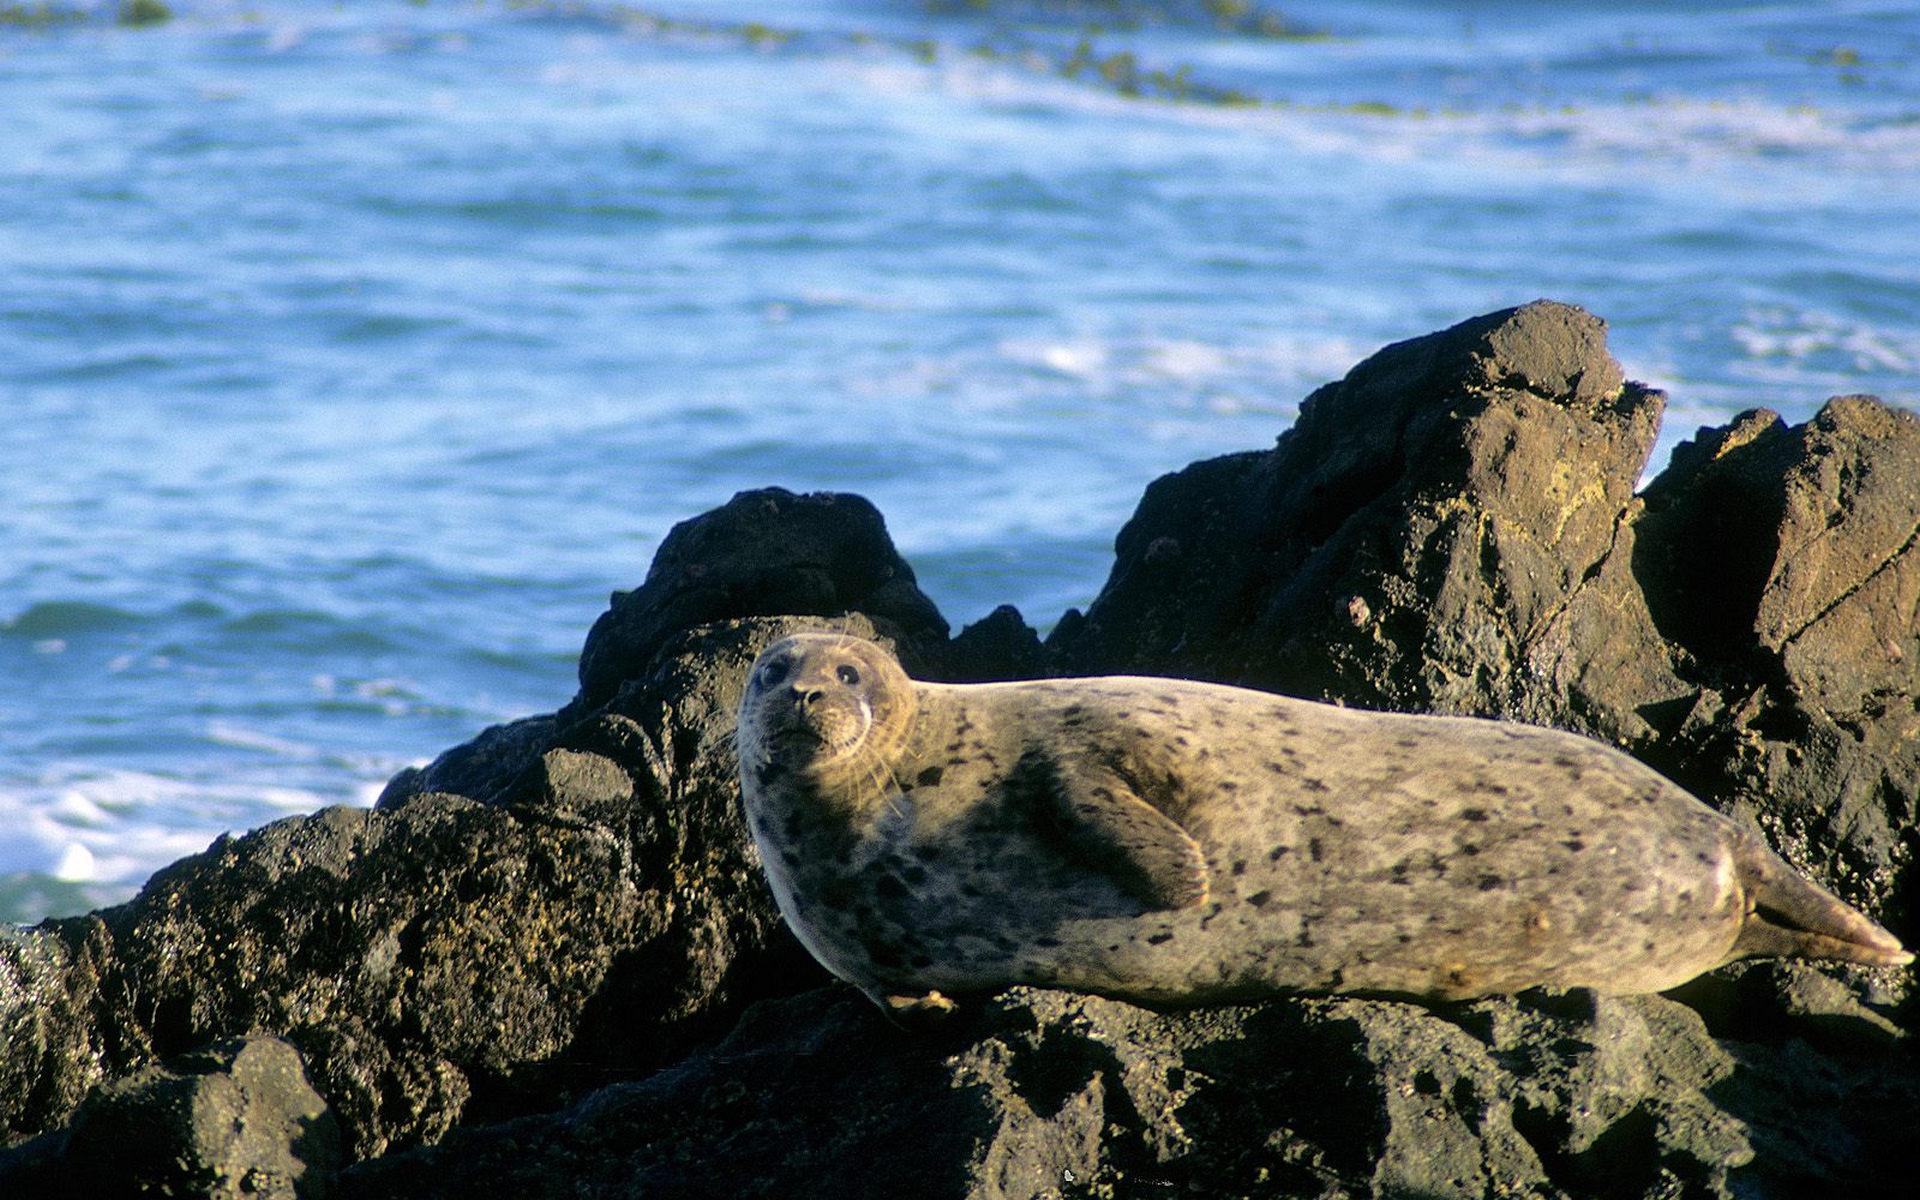 тюлень, морда, ласты